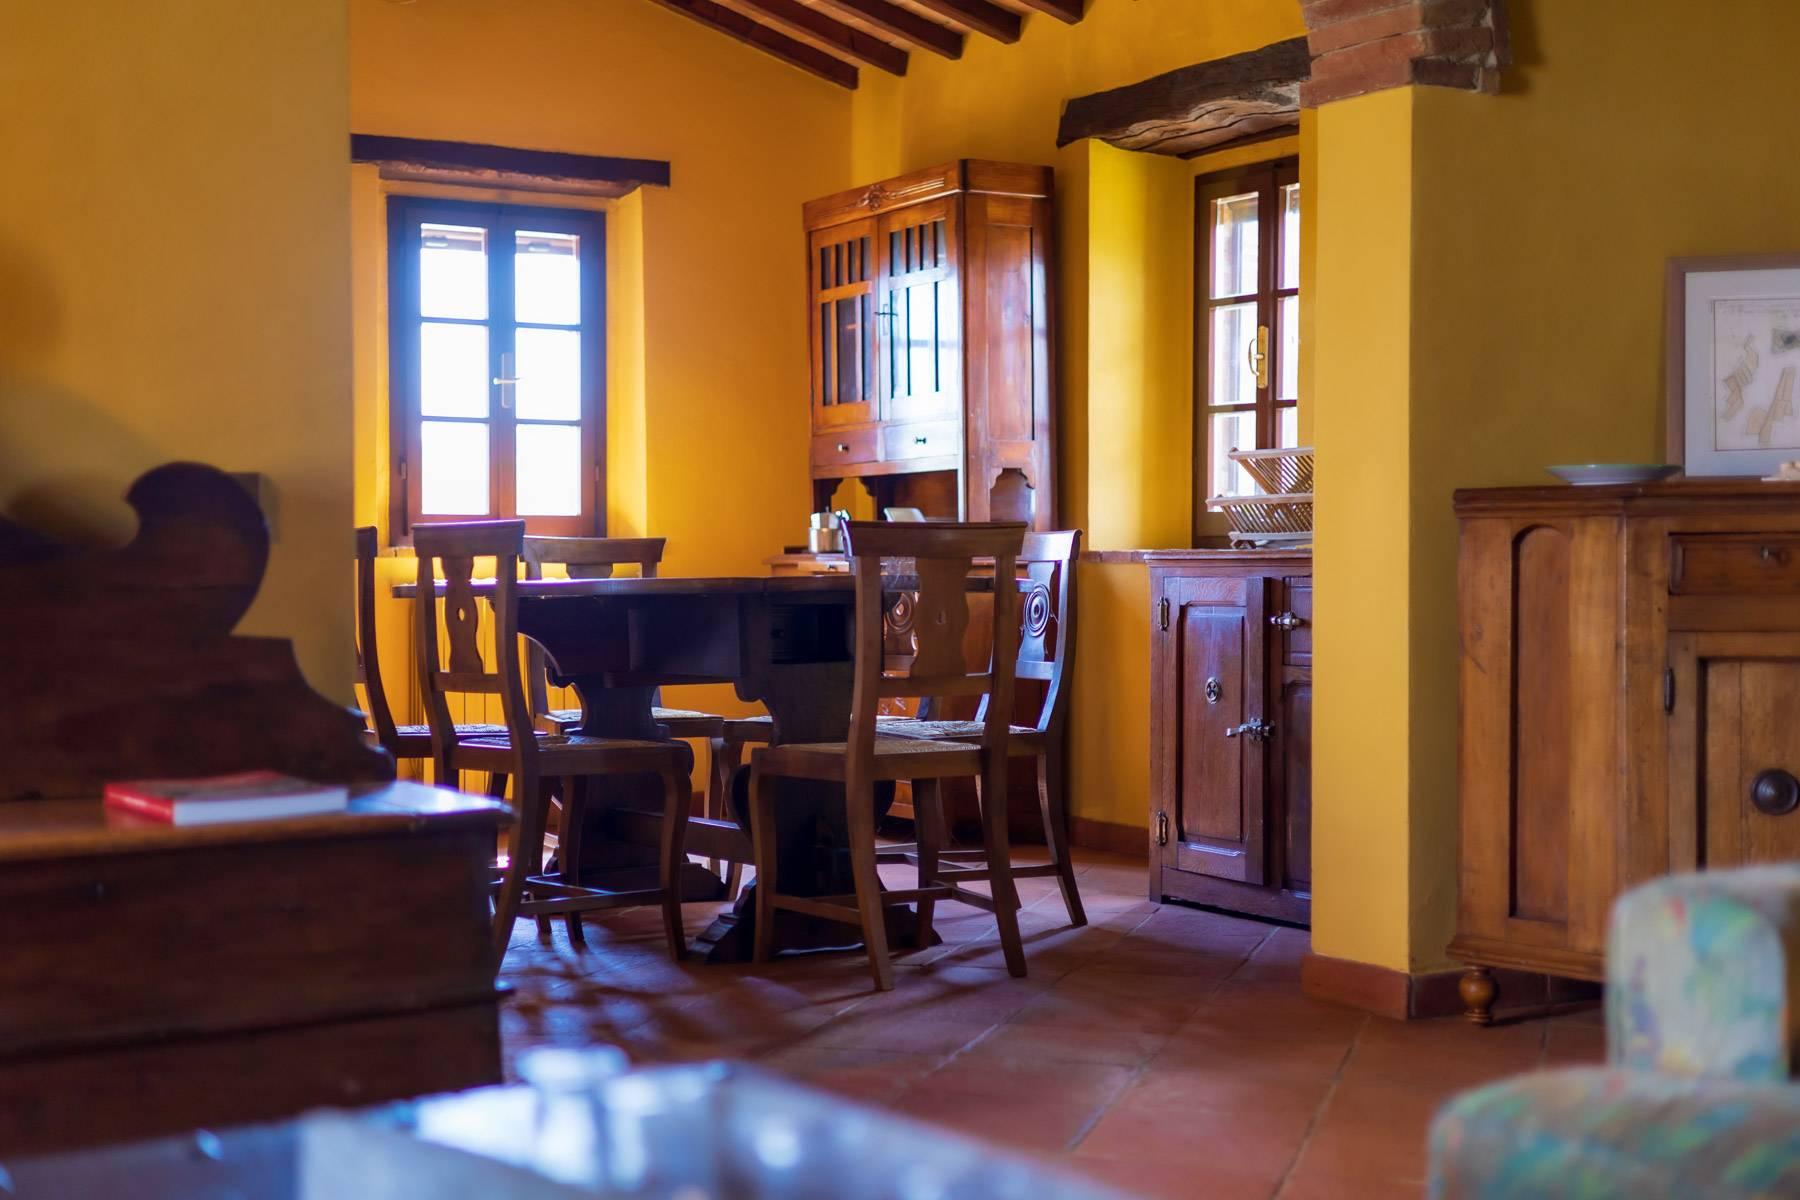 Rustico in Vendita a Monte San Savino: 5 locali, 307 mq - Foto 10